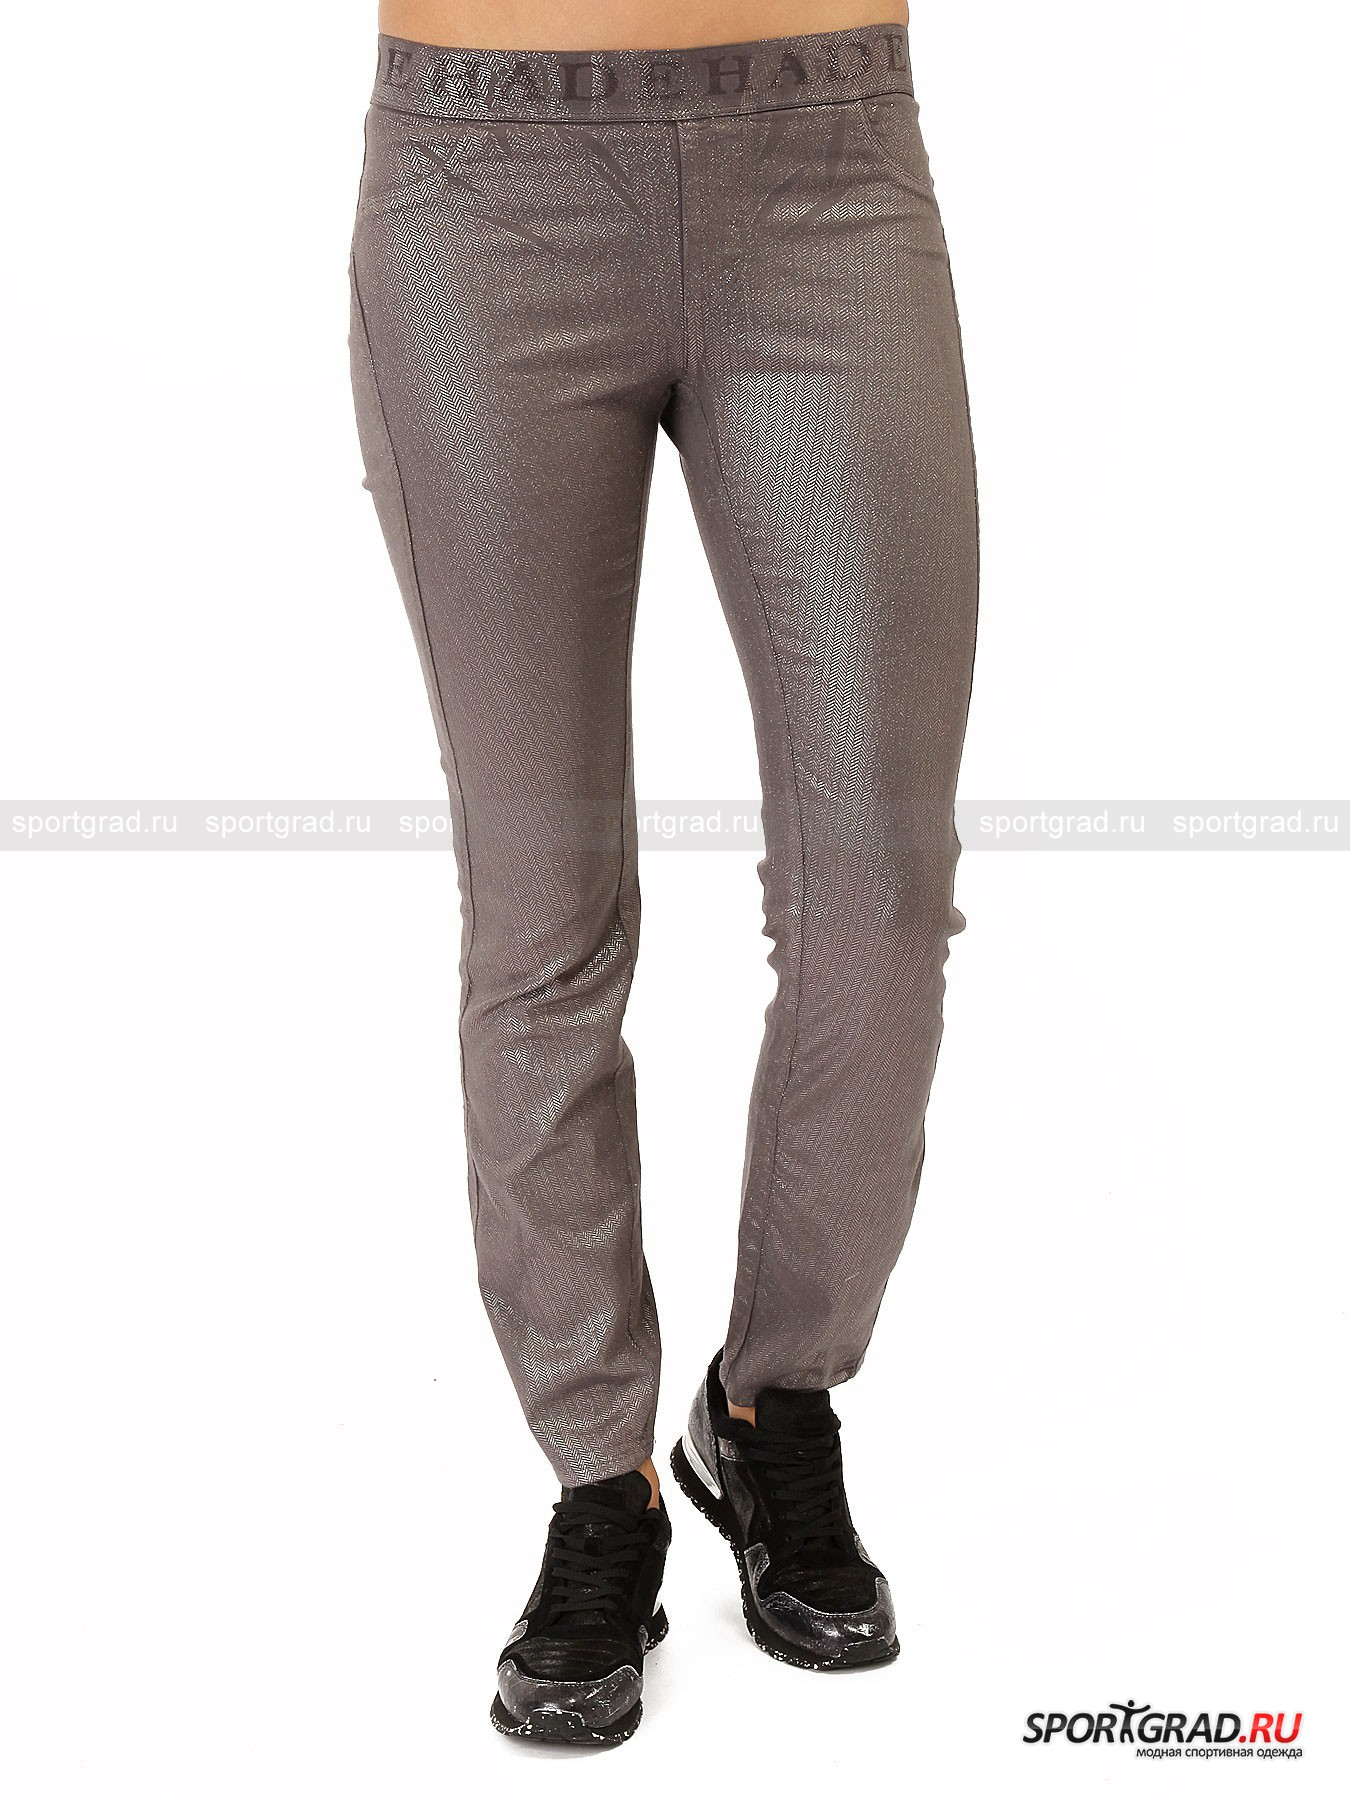 Где купить брюки женские